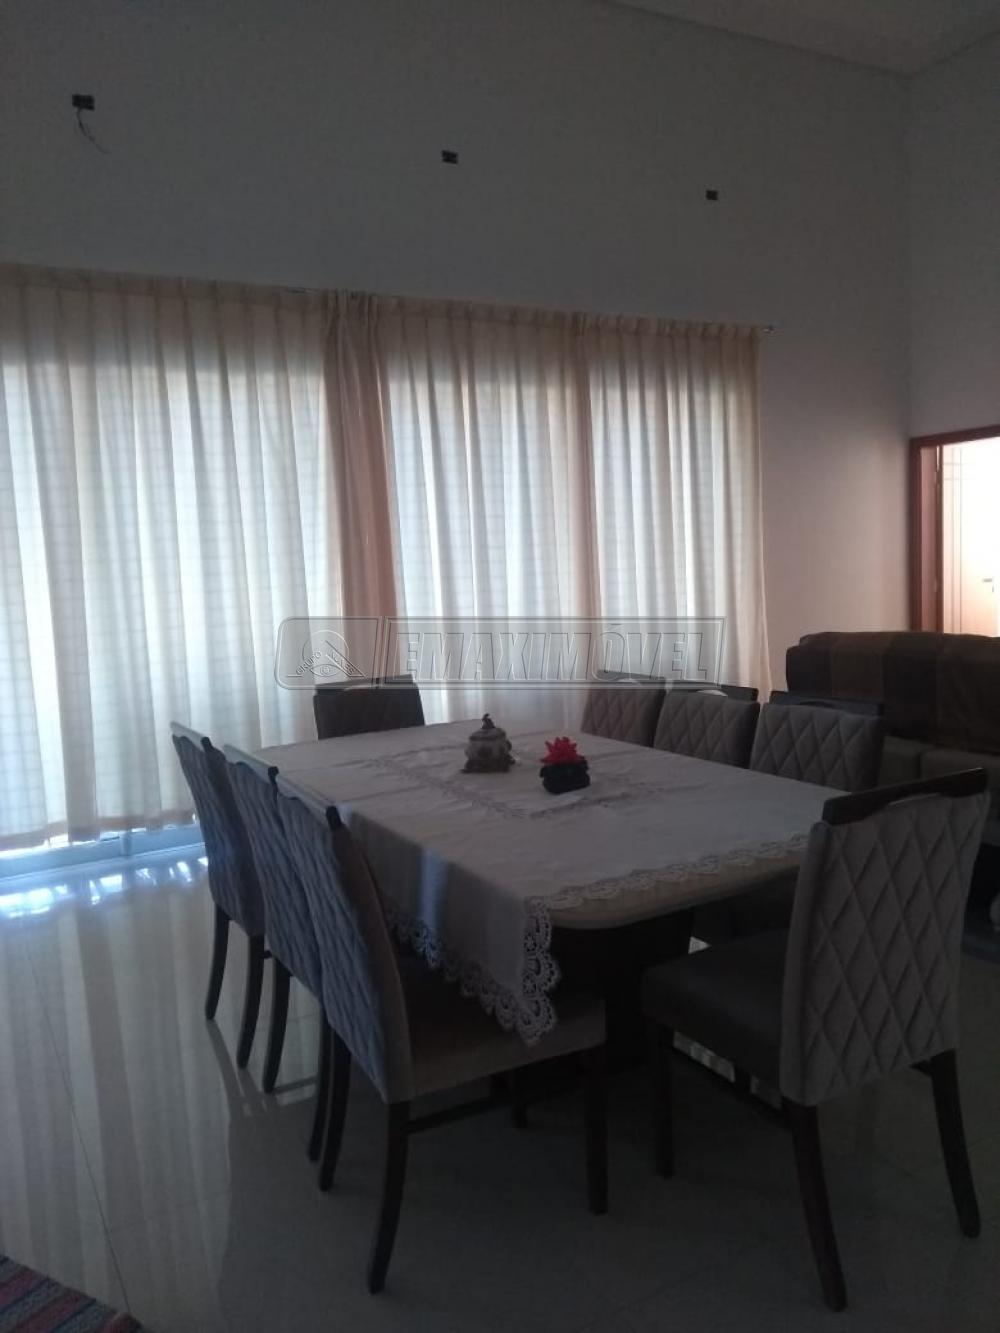 Comprar Casas / em Condomínios em Sorocaba apenas R$ 1.000.000,00 - Foto 5